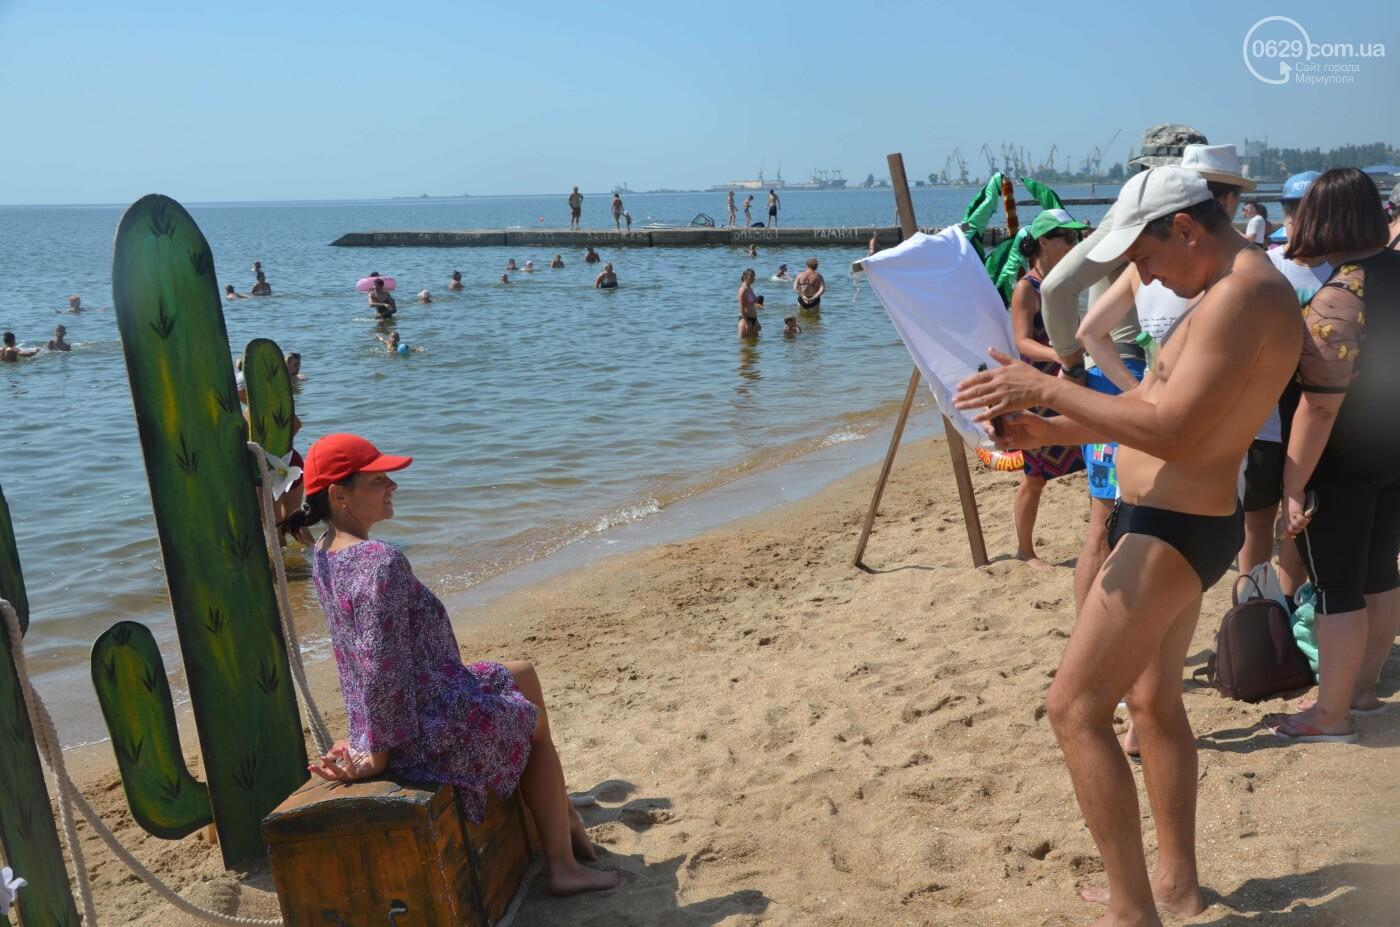 Дискотека, пираты и обливание.  Как  в Мариуполе отметили День Нептуна, - ФОТОРЕПОРТАЖ, фото-4